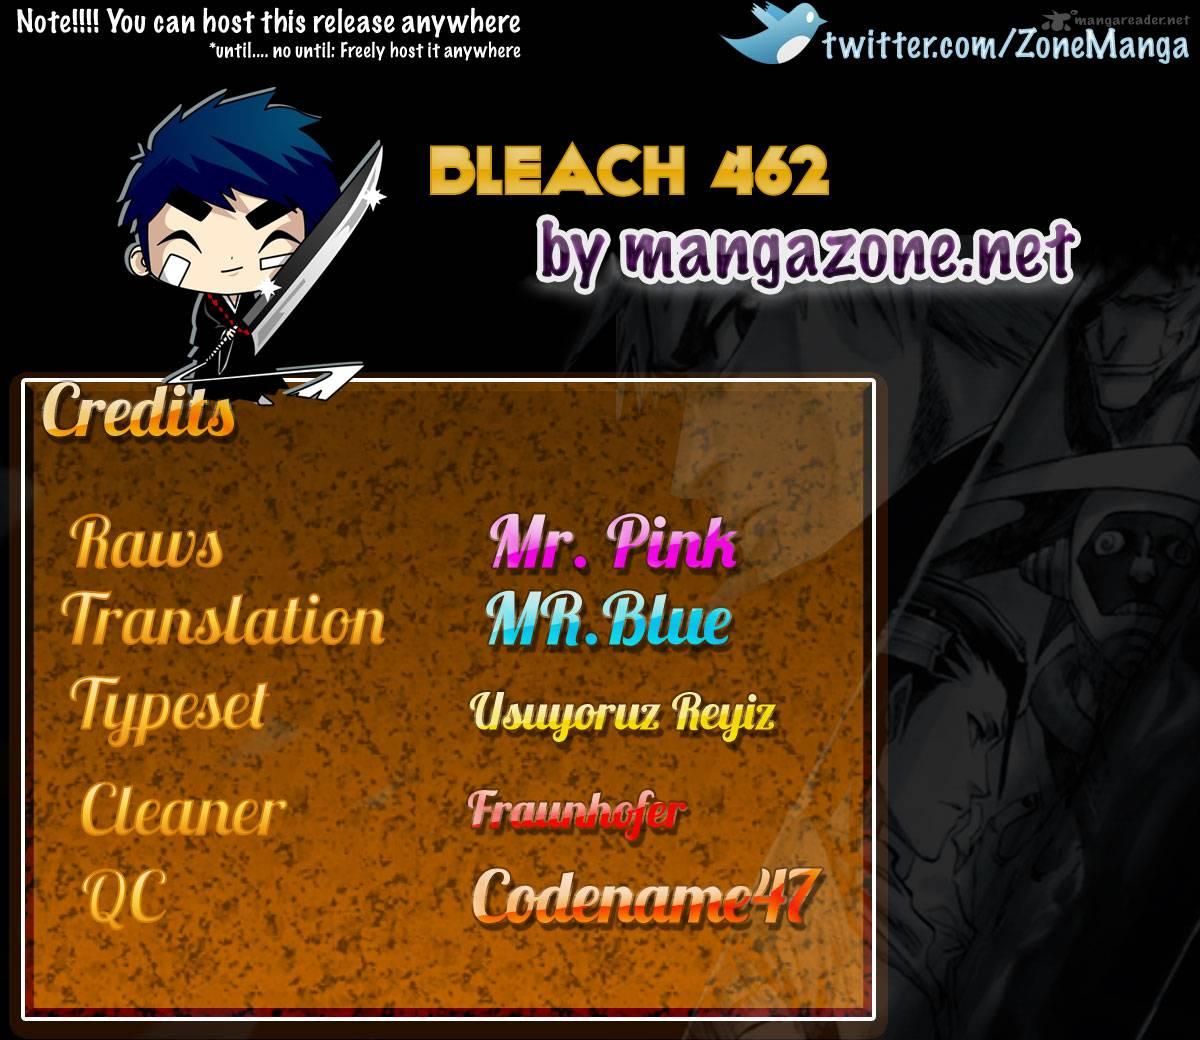 Bleach 462